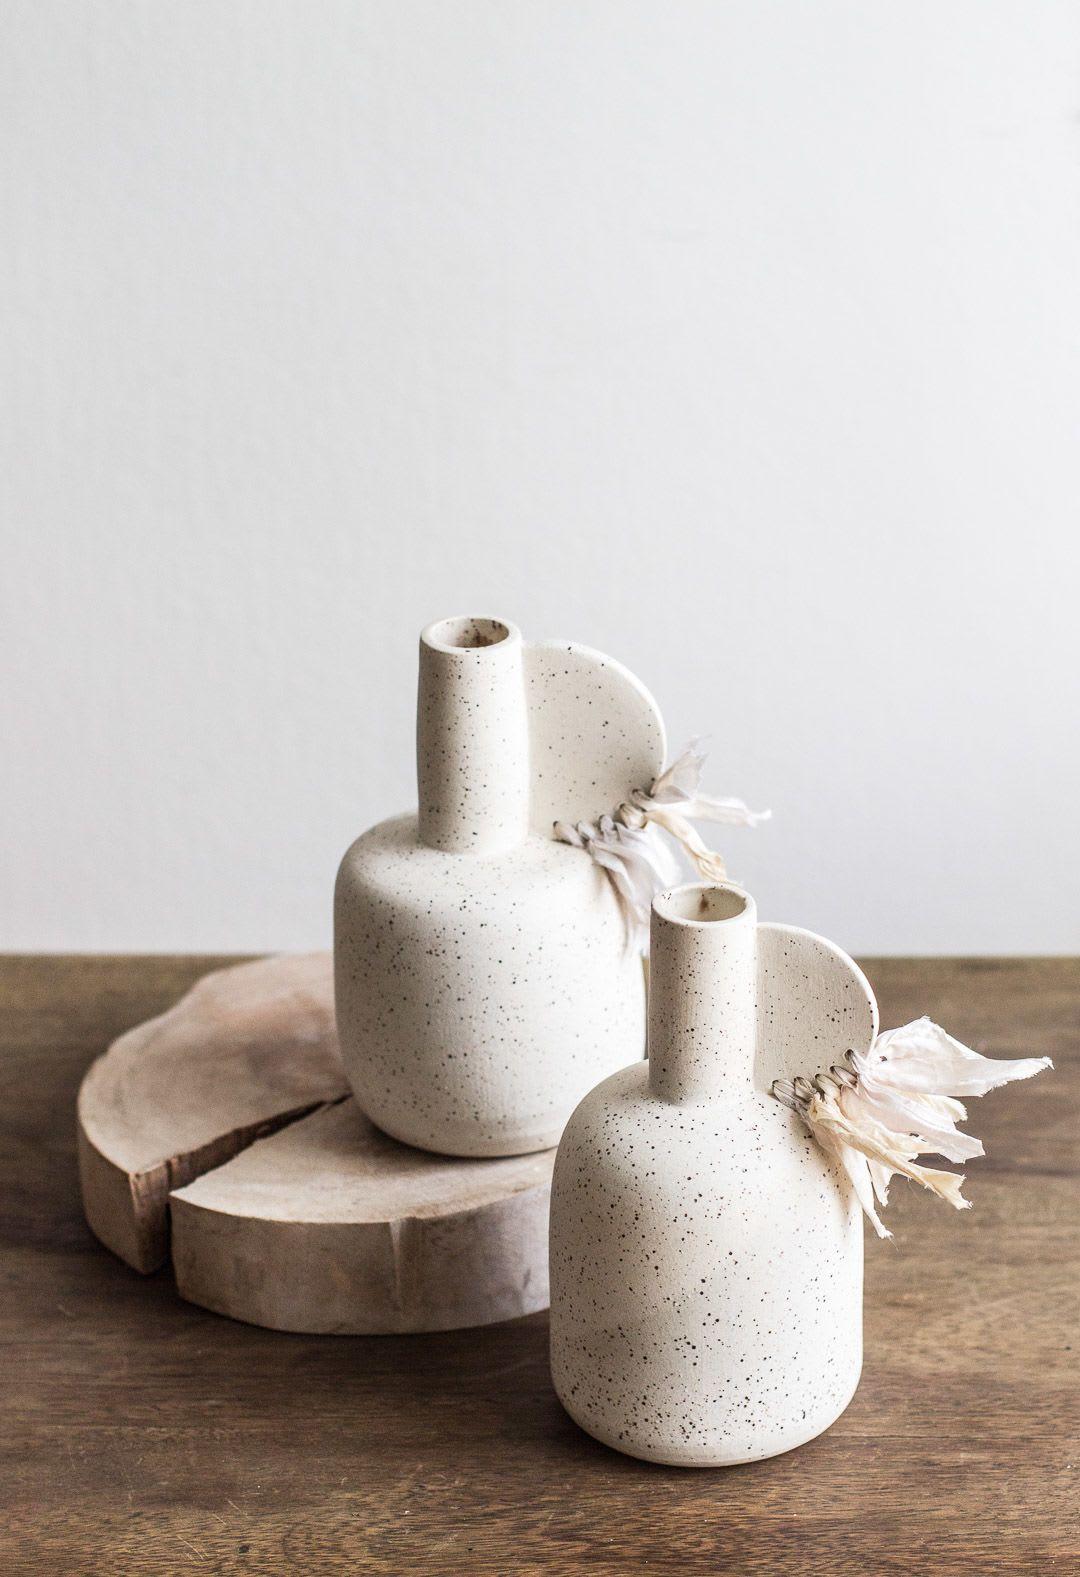 White speckled ceramic vases